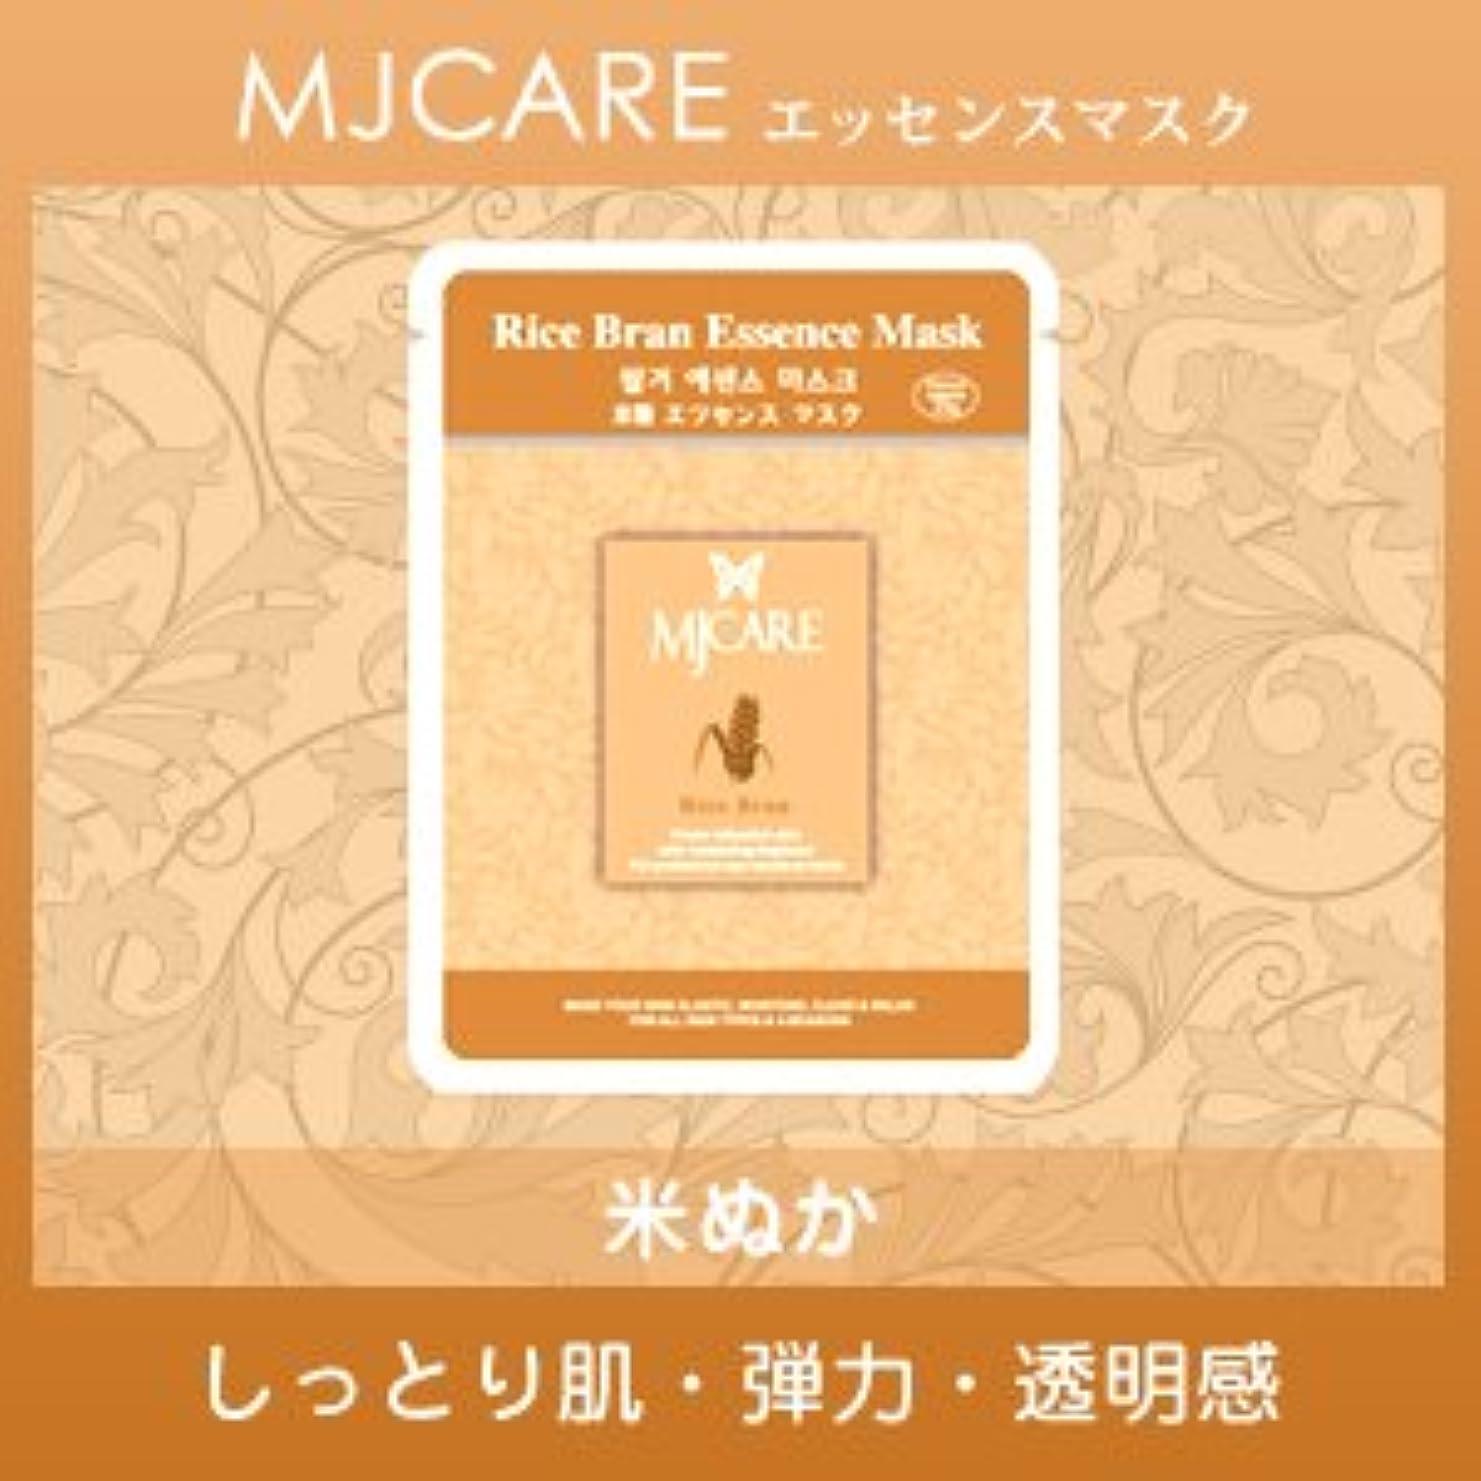 思い出させる接地名声MJCARE (エムジェイケア) 米ぬか エッセンスマスク